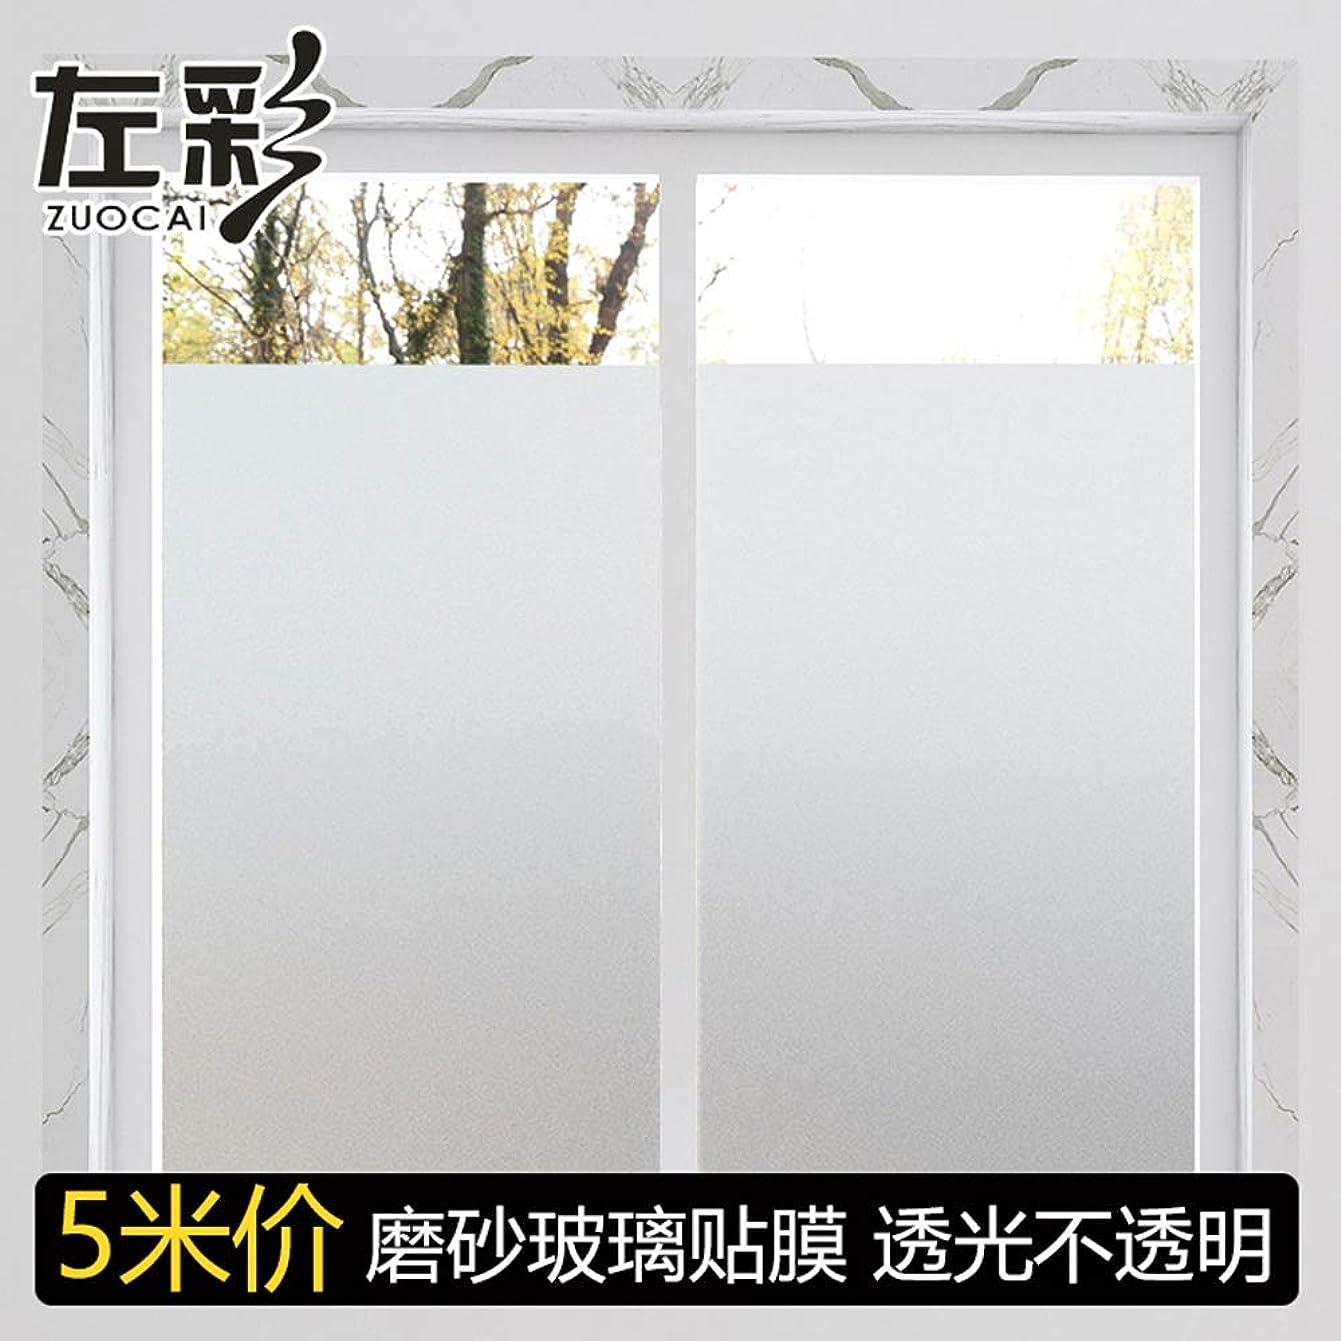 パックバーターヒギンズ神馬 窓 めかくしシート 窓用フィルム すりガラス調 ガラスフィルム 水で貼る 貼り直し可能目隠しシート 断熱遮熱シート UVカット 艶消